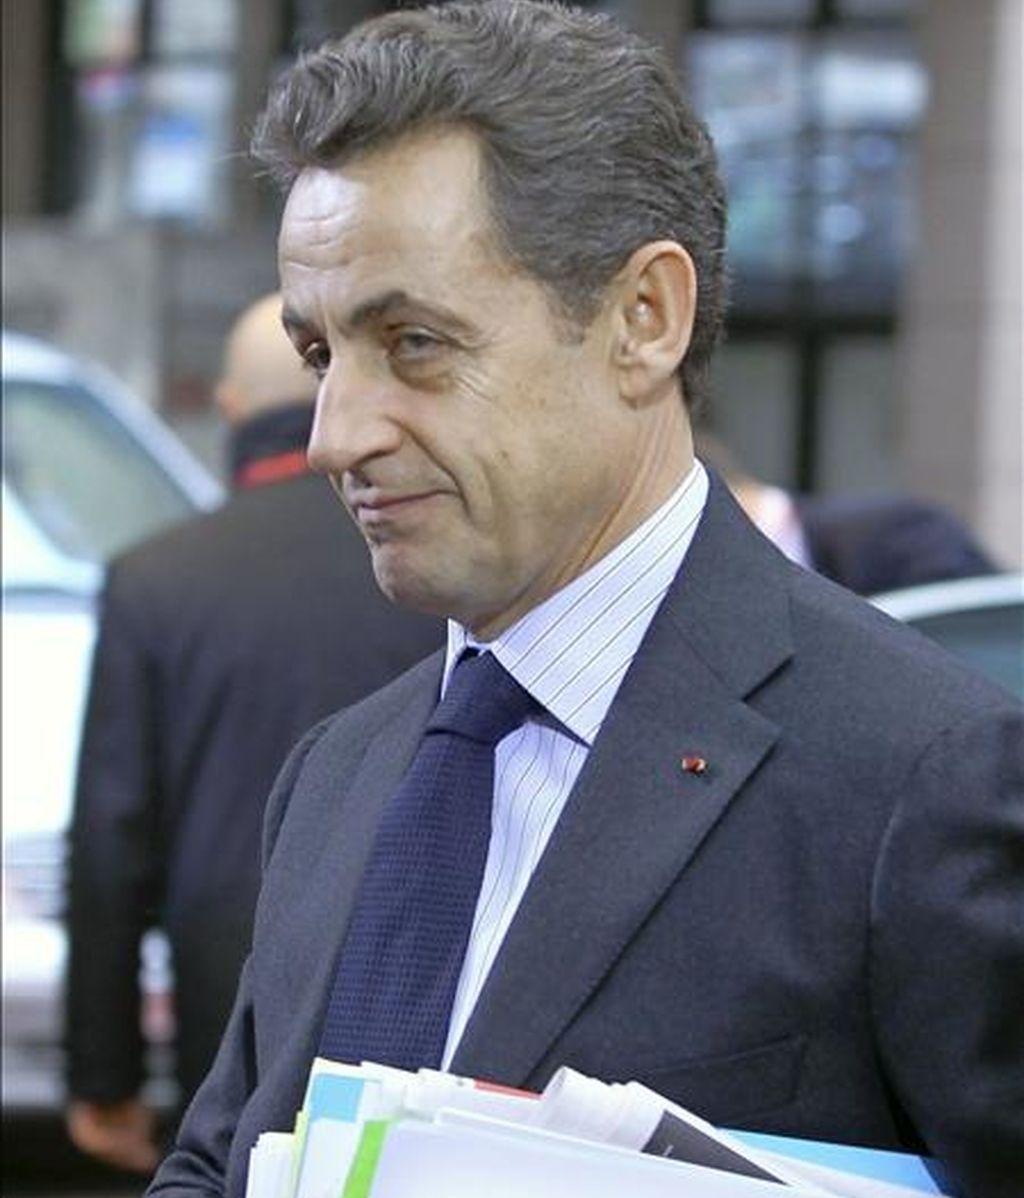 El presidente francés, Nicolas Sarkozy, impulsor del díalogo euromediterráneo. EFE/Archivo